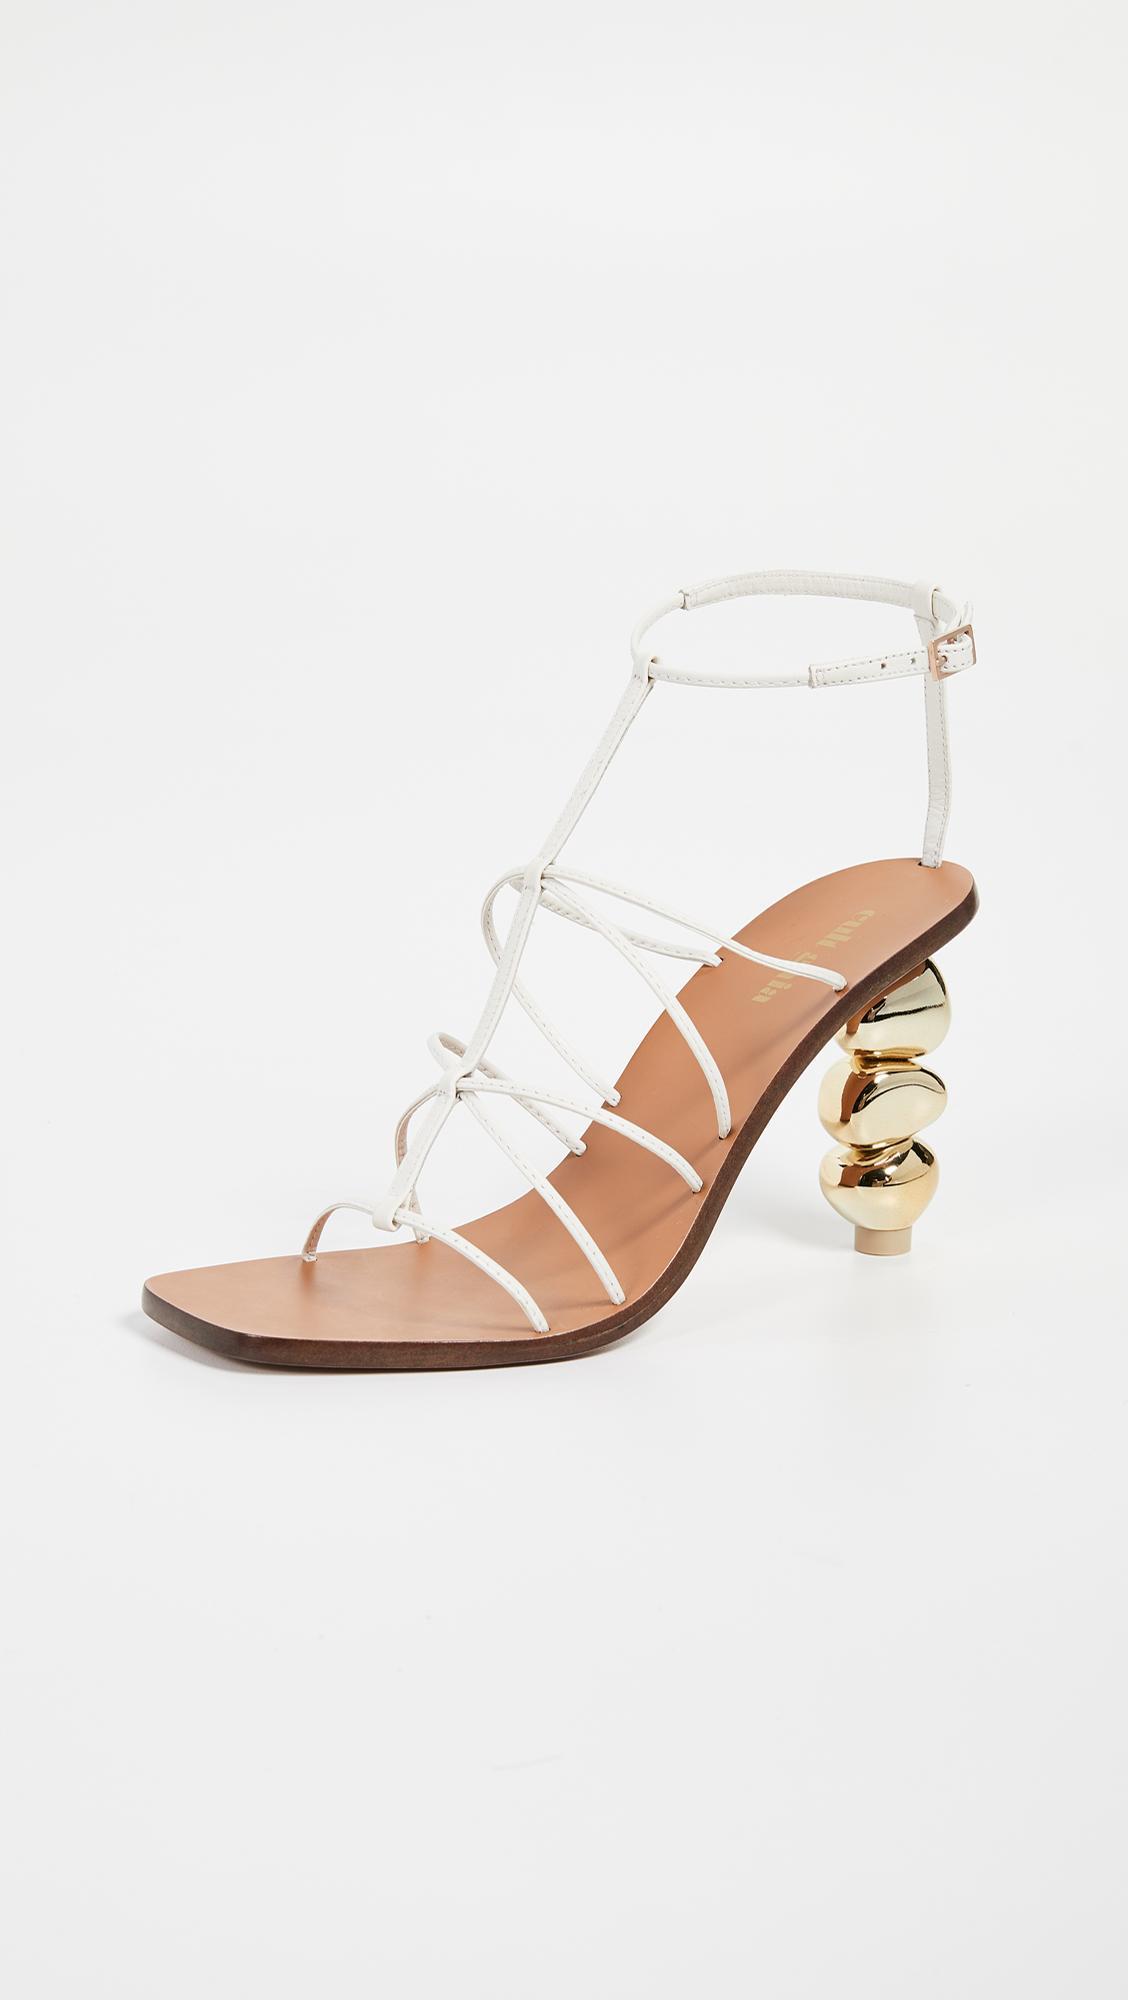 48243160a7e Cult Gaia Pietra Heel Sandals in White - Lyst